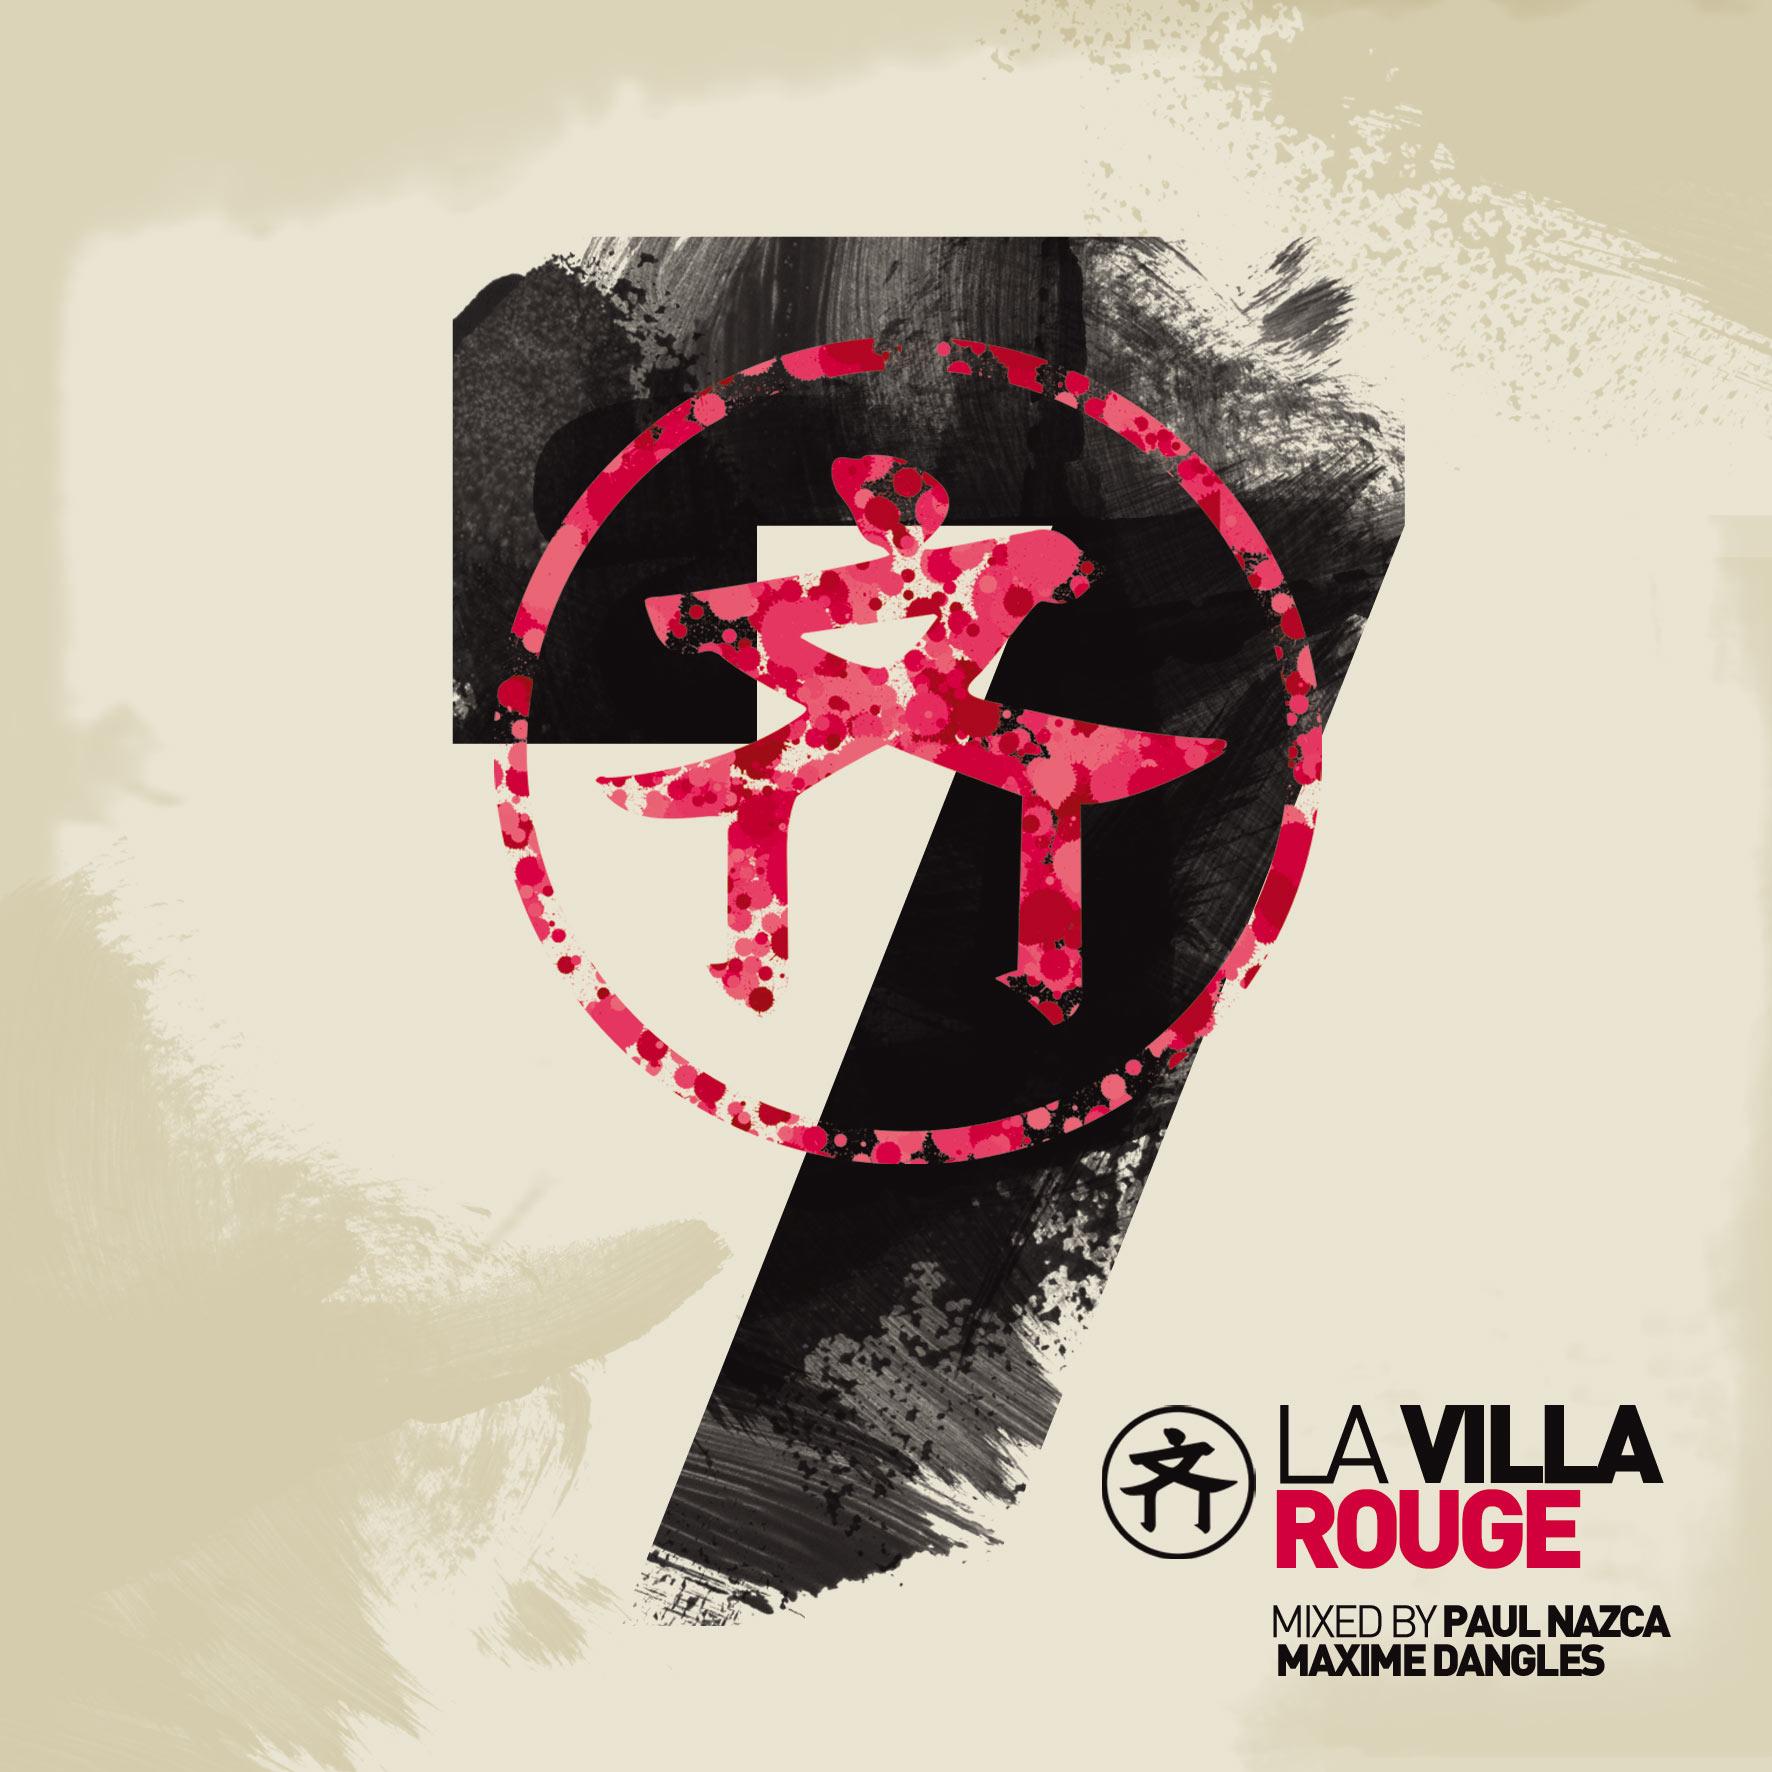 Villa-Rouge-CD-7-1.jpg